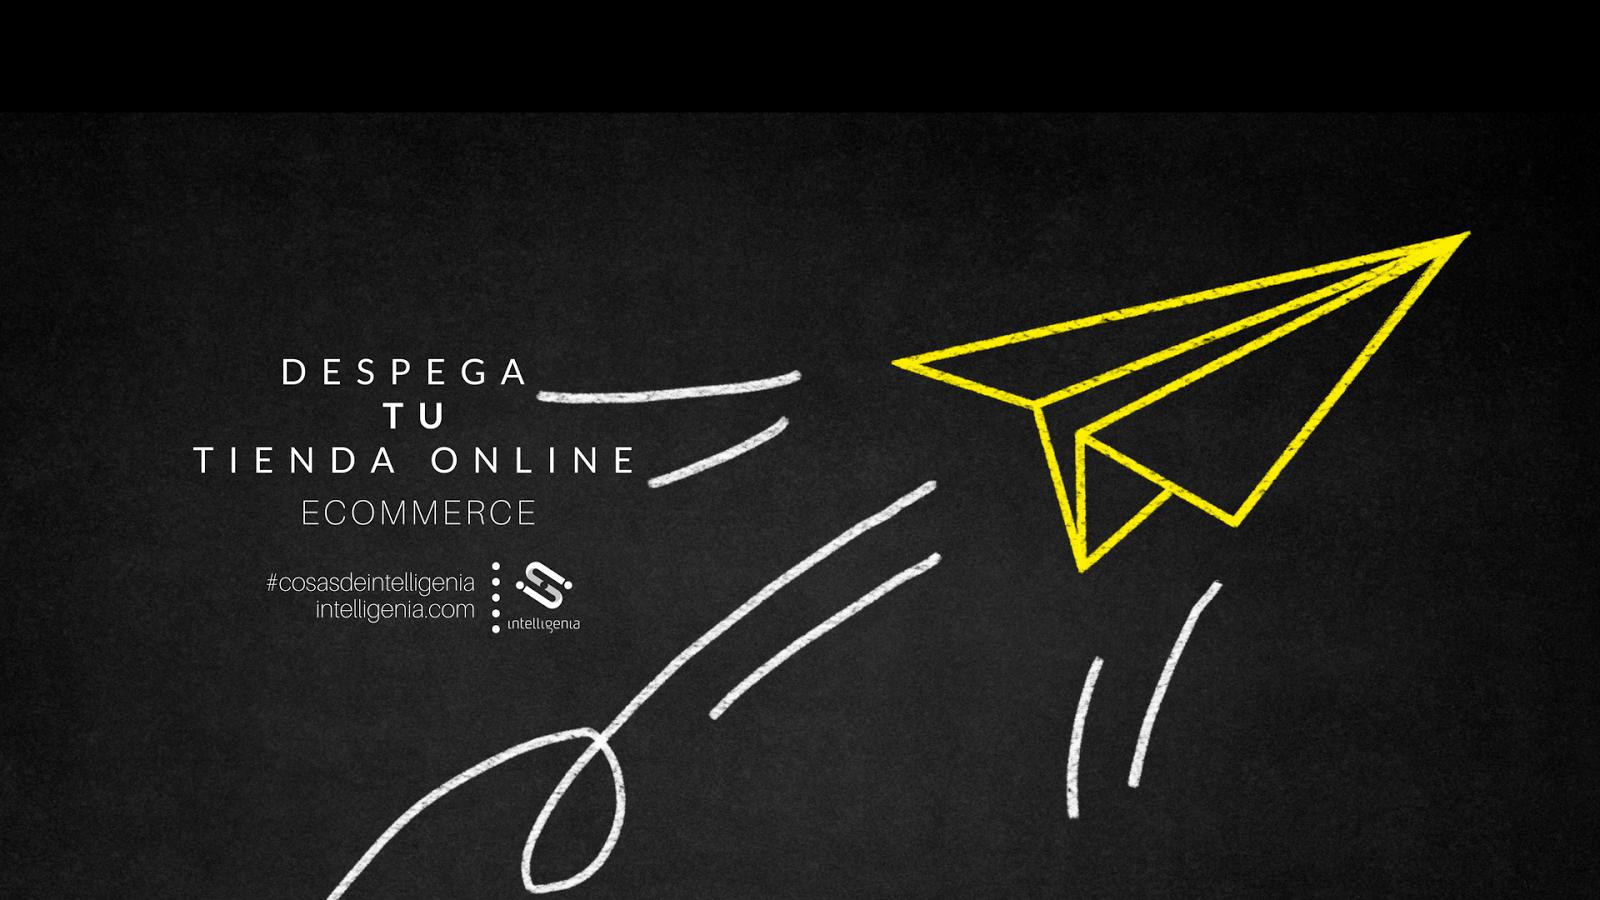 tienda online, ecommerce, negocio online